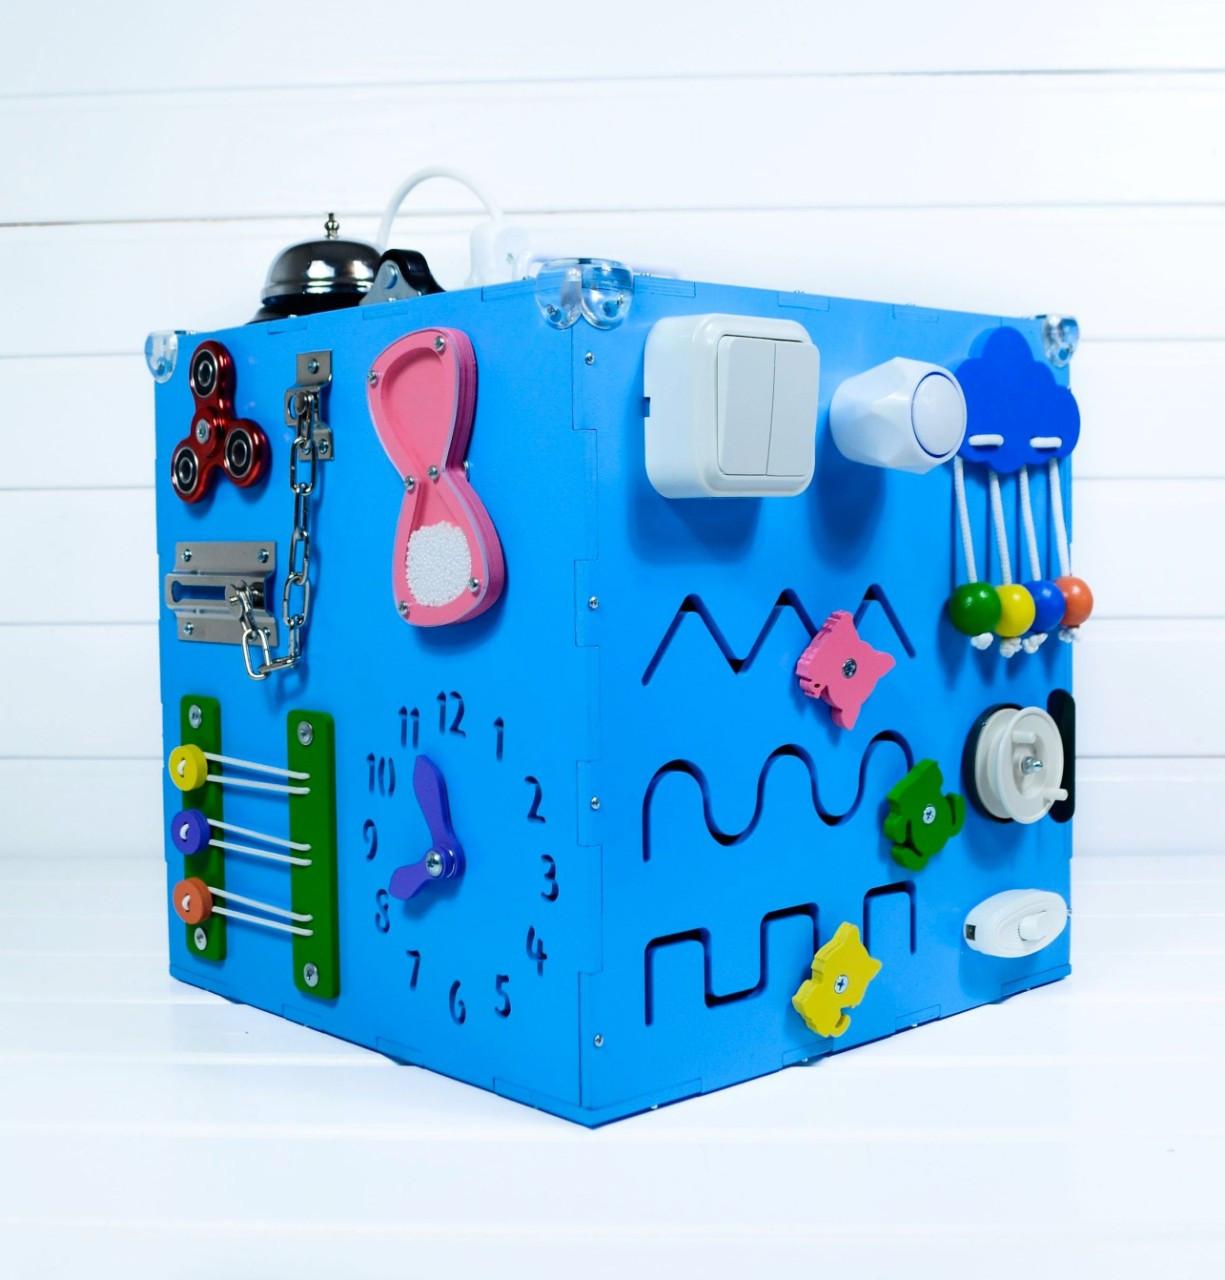 Развивающая игрушка бизикуб Busy Cube Tornado Голубая